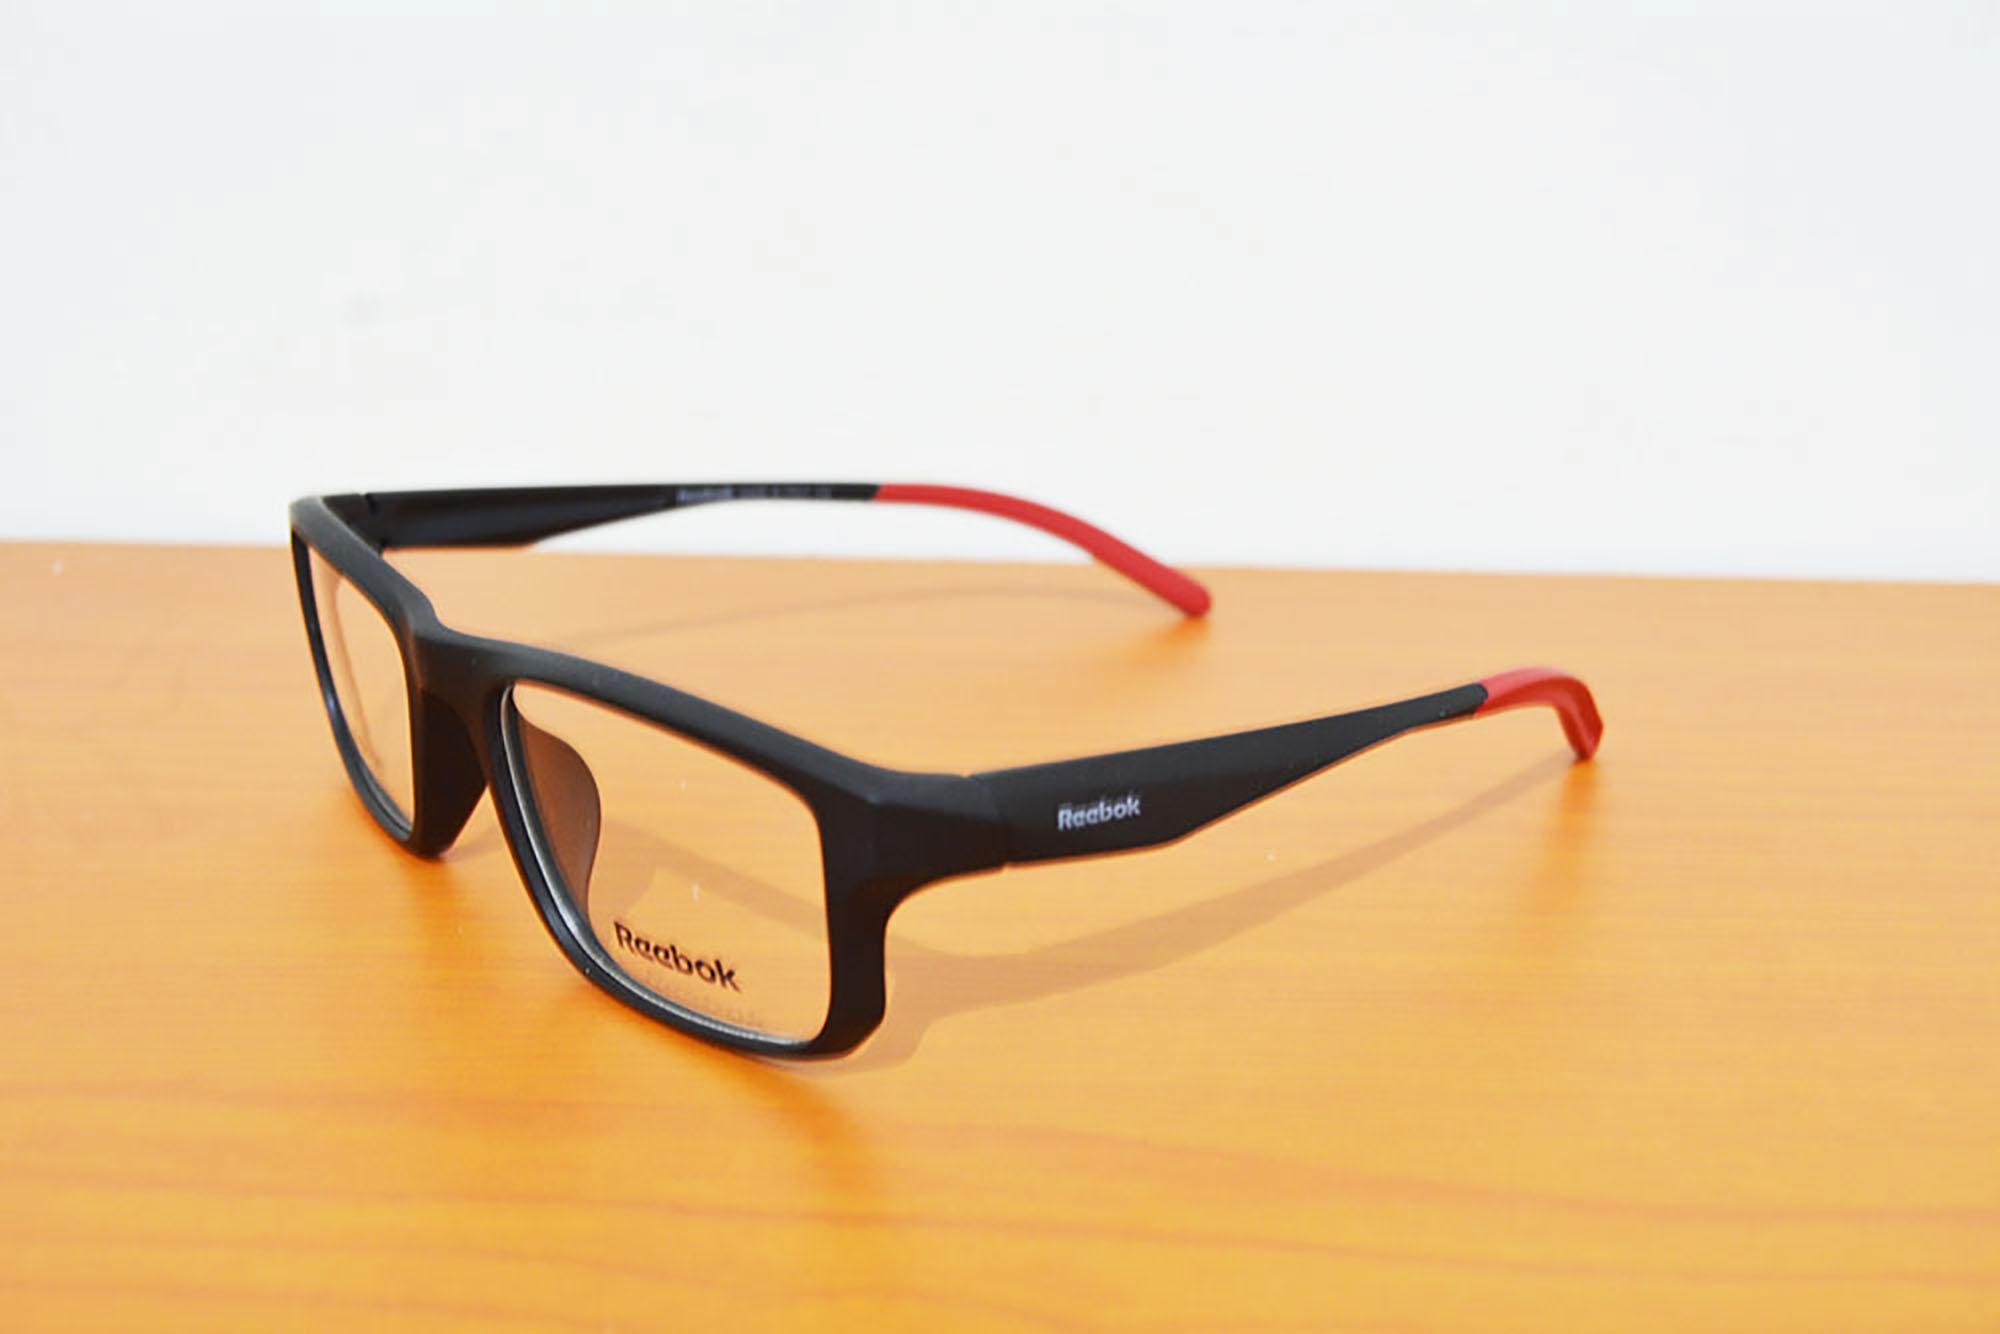 Fitur Frame Kacamata Minus Korea Reebok Free Lensa Anti Radiasi Dan ... 69ddcb104b